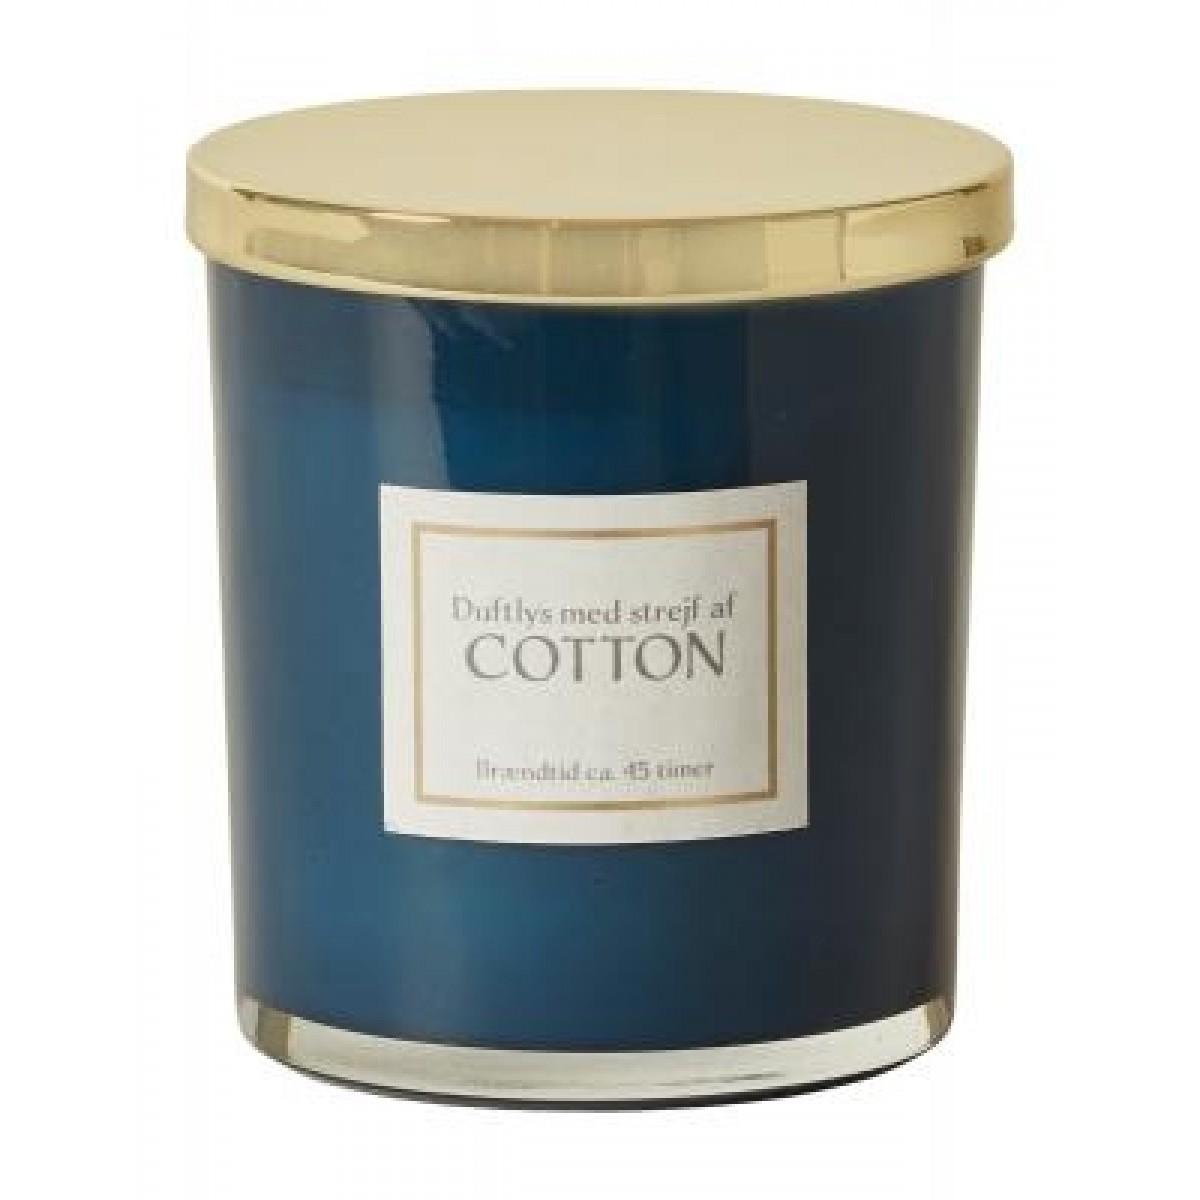 DACORE Duftlys i blåt glas - cotton